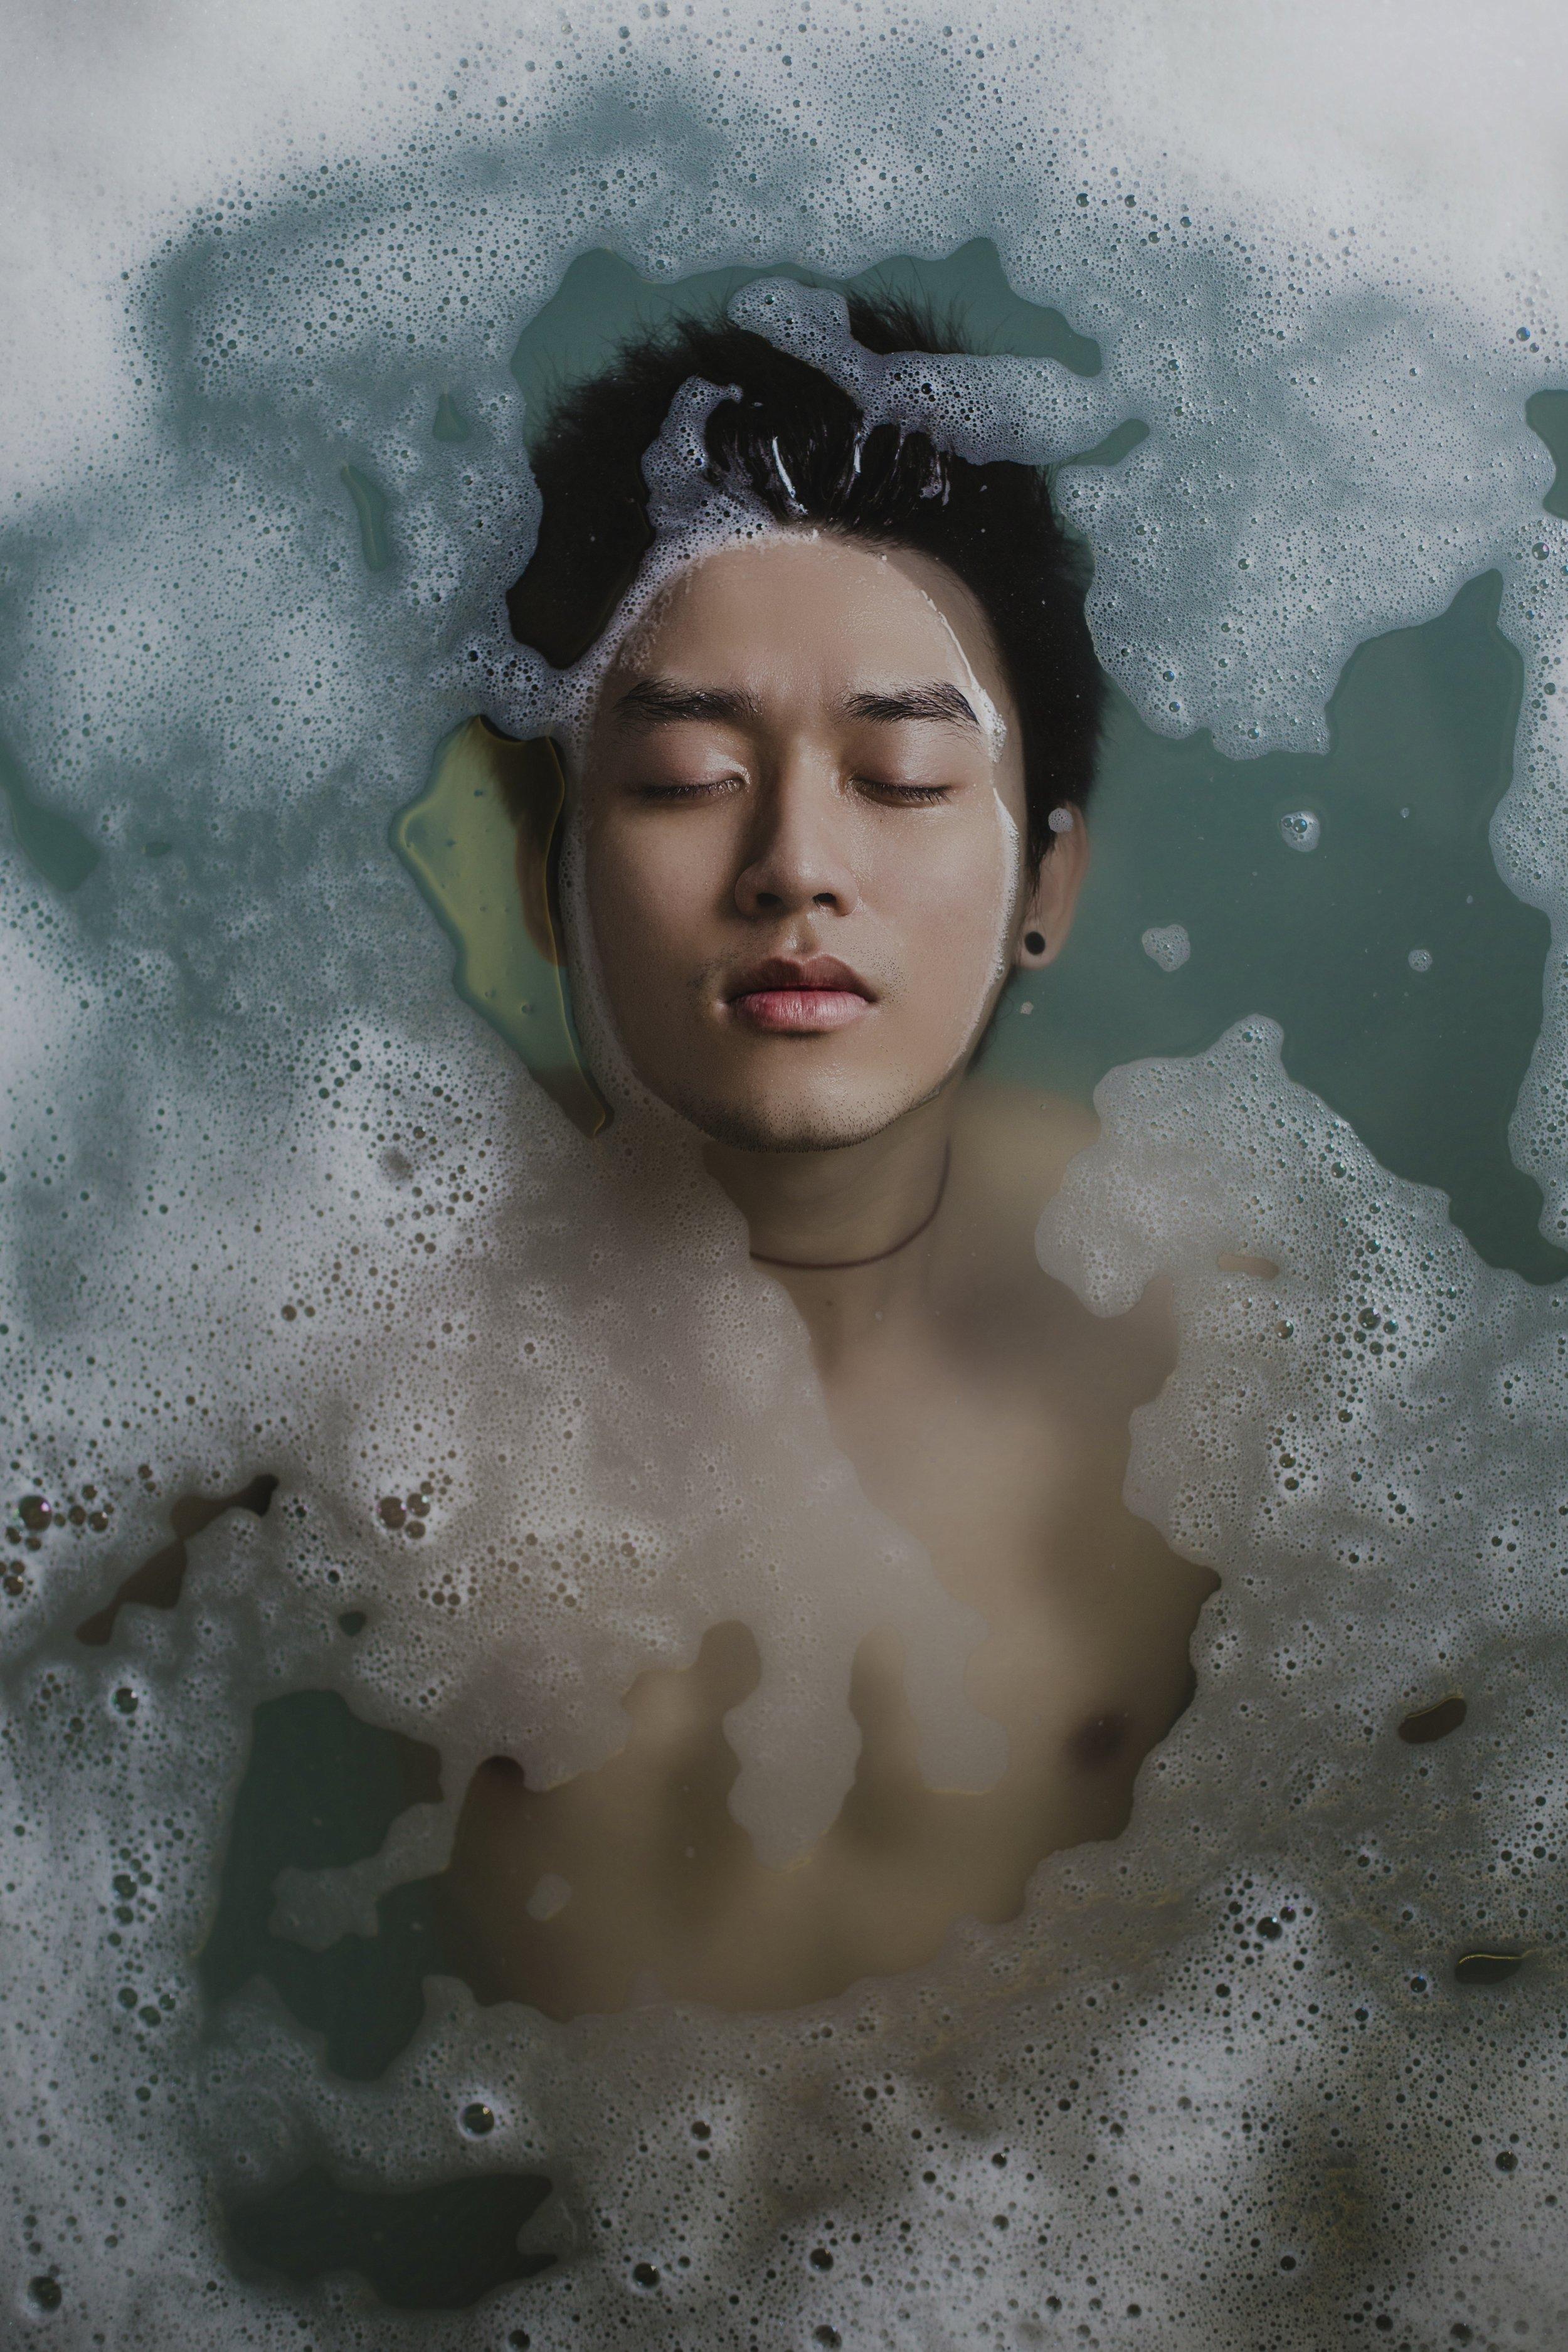 bathing-918720.jpg